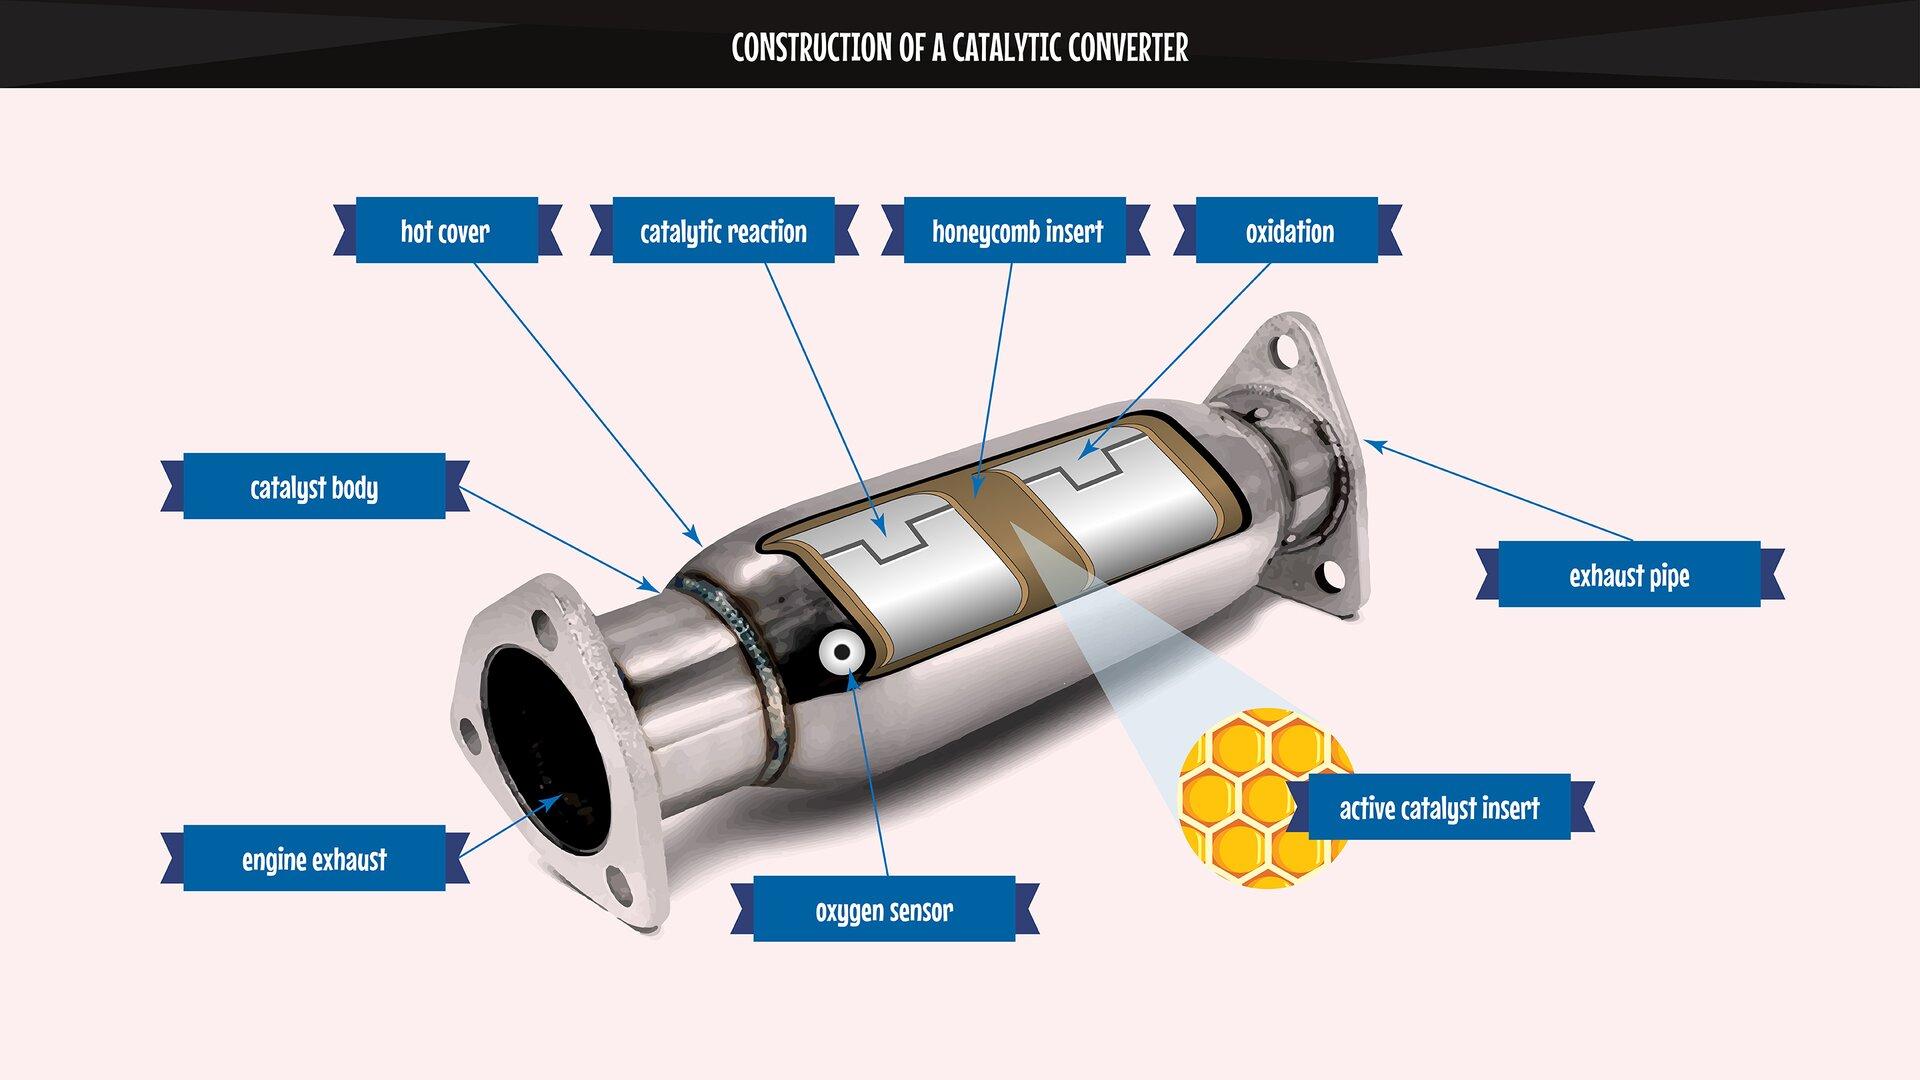 The image presents the construction of acatalytic converter: acar catalyst. Grafika prezentuje budowę reaktora katalitycznego - katalizatora samochodowego.